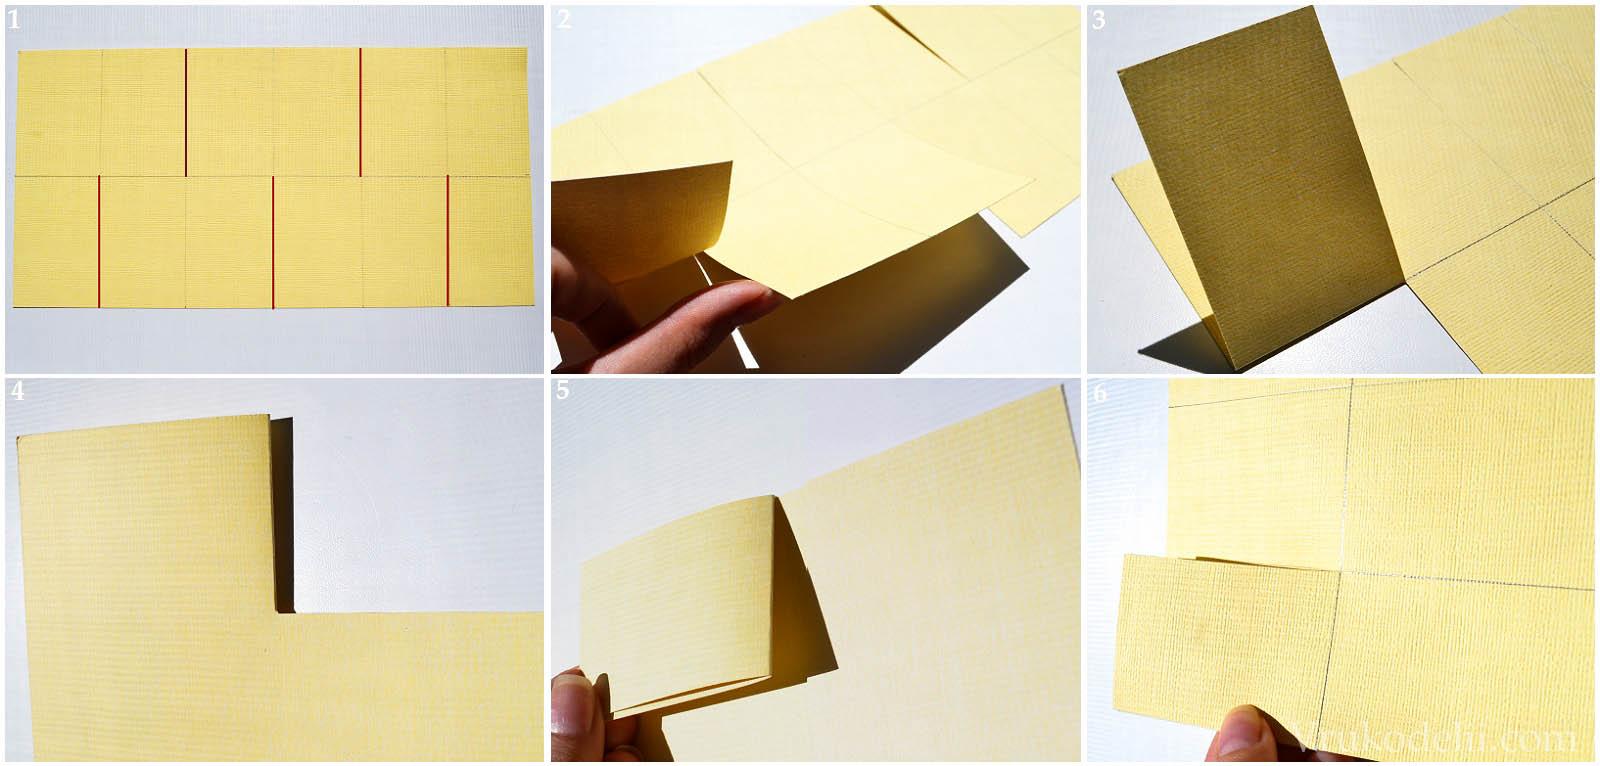 как соединить листы открытки зависит, прежде